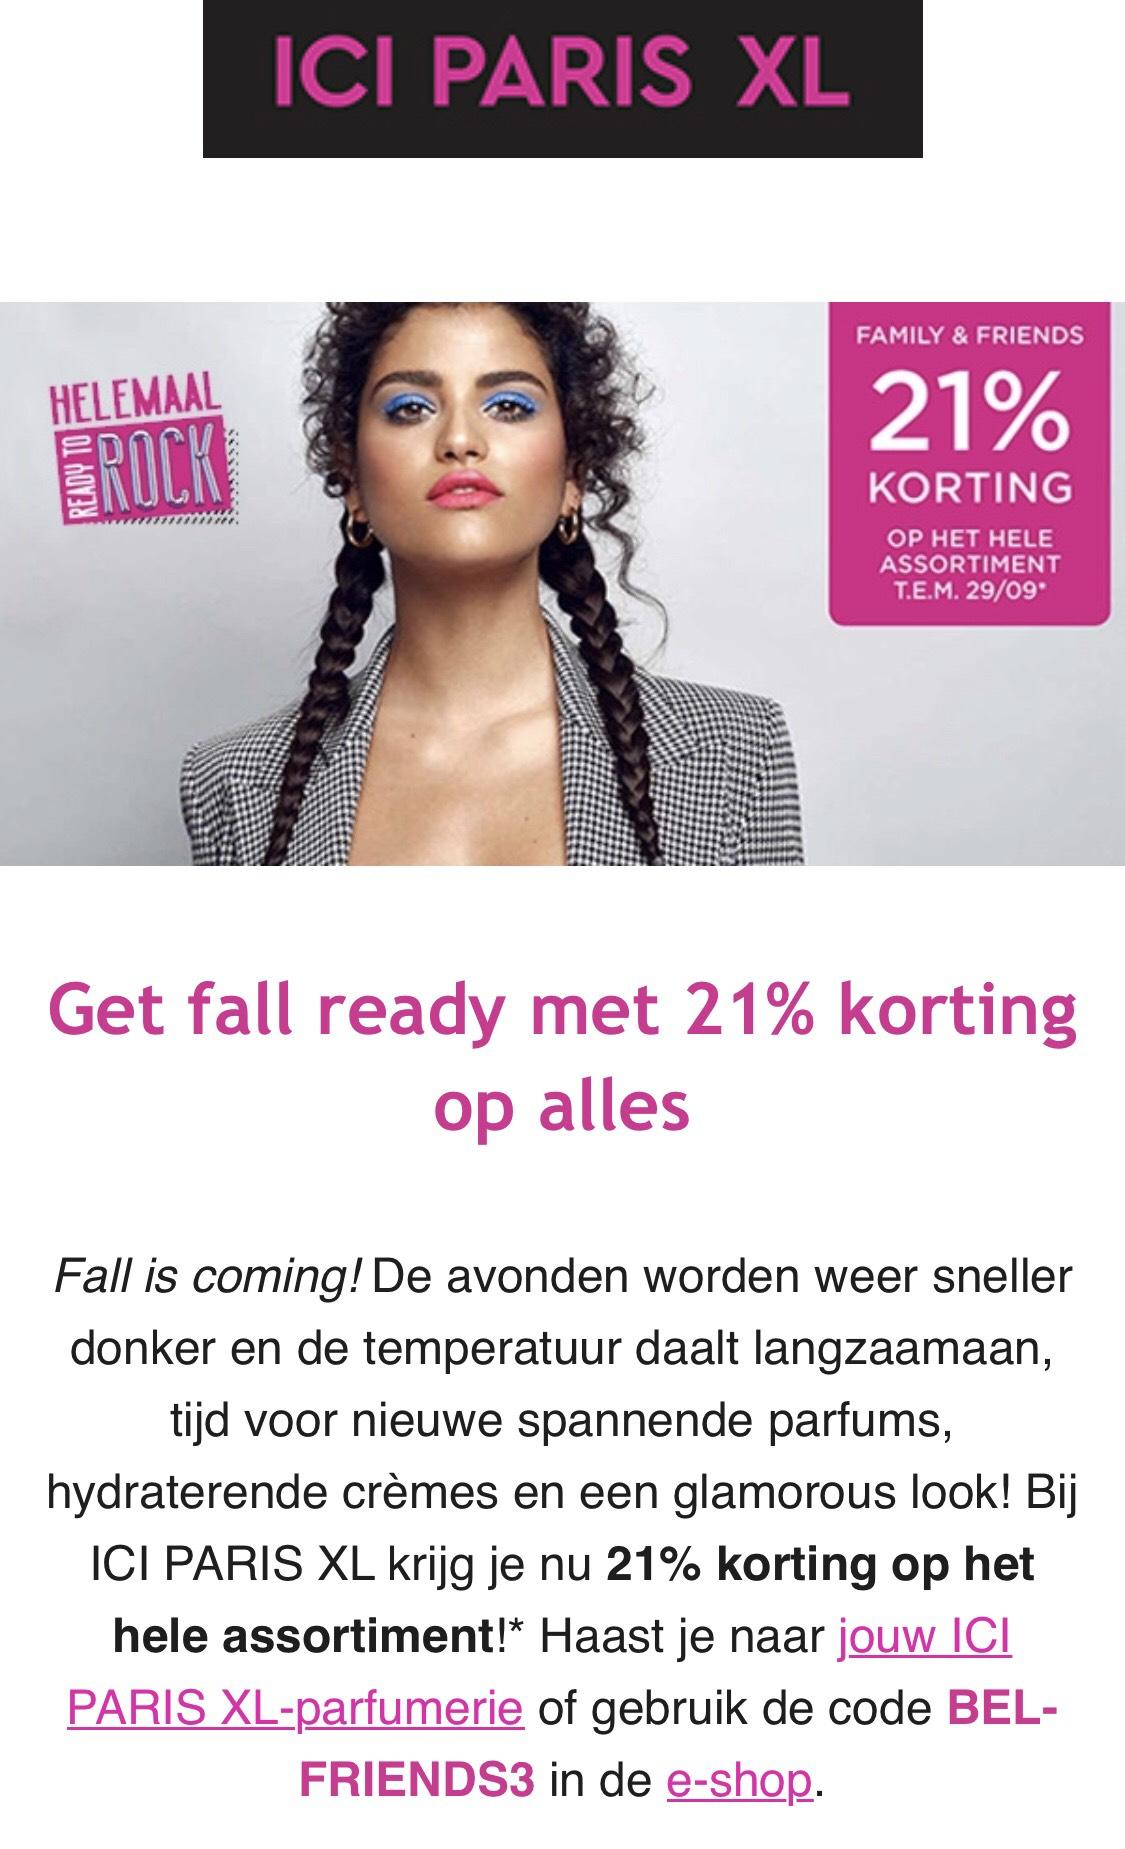 Bij ICI PARIS XL België krijg je nu 21% korting op het hele assortiment!